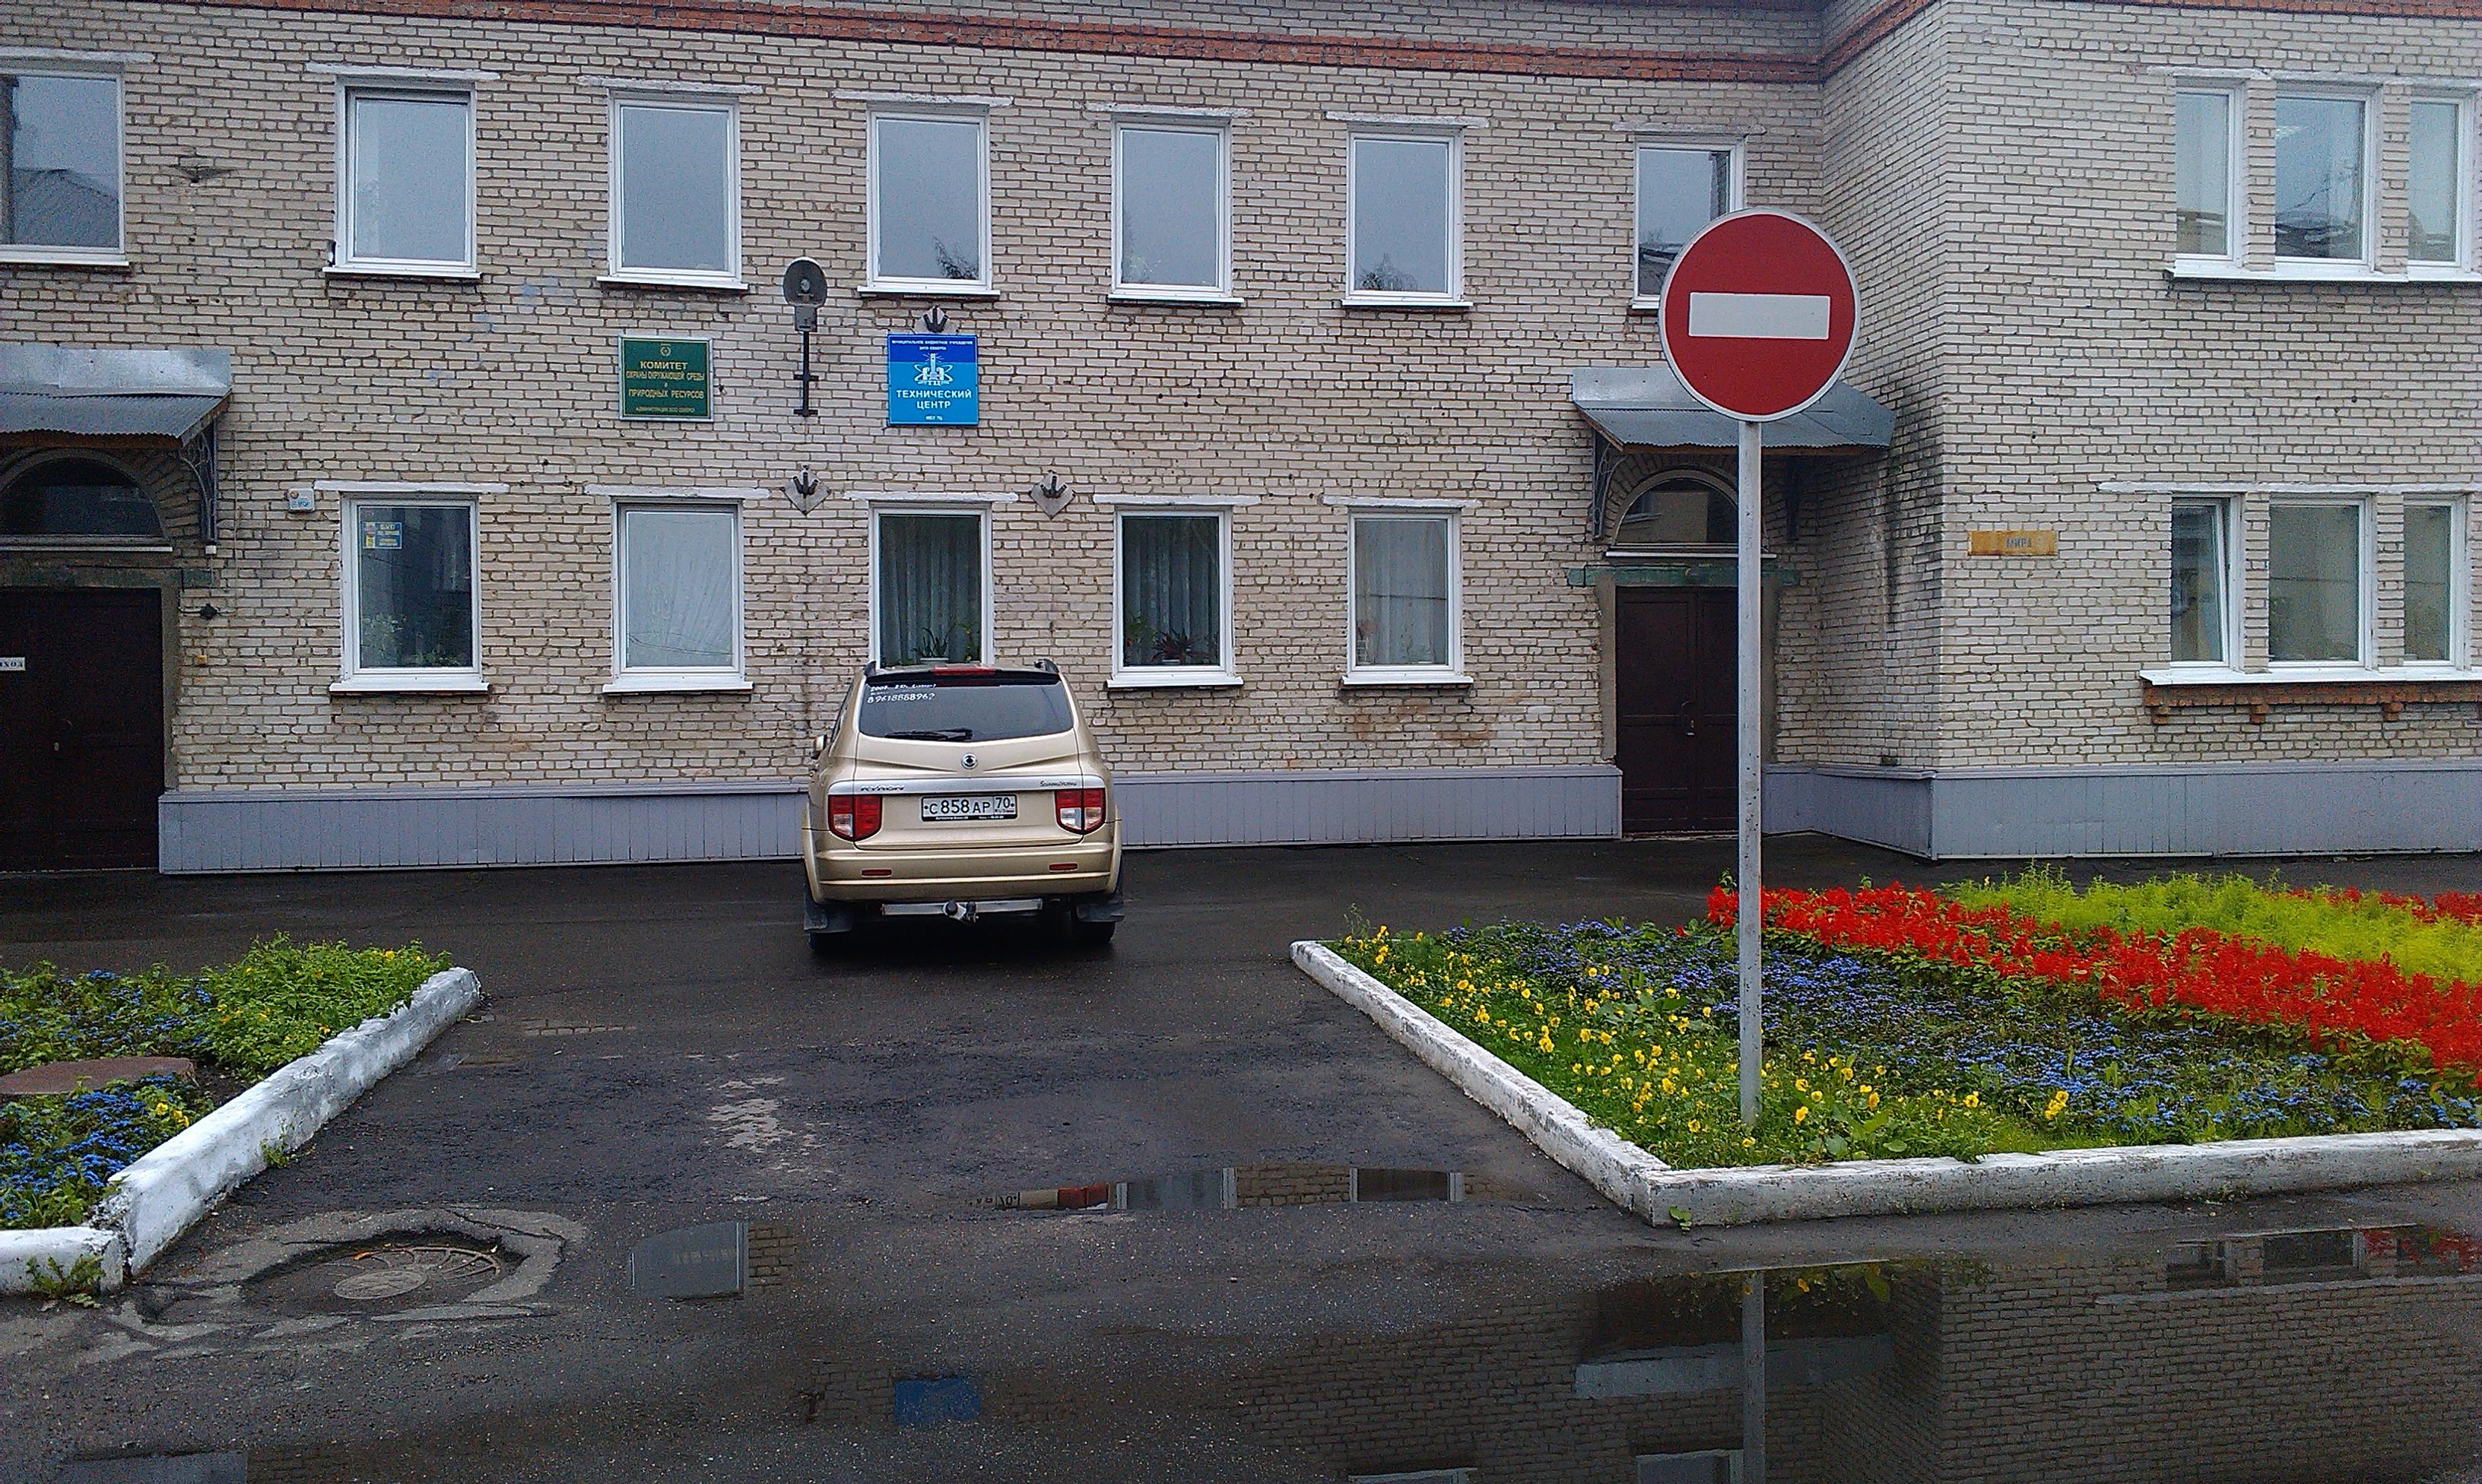 припарковался под знаком ударила другая машина